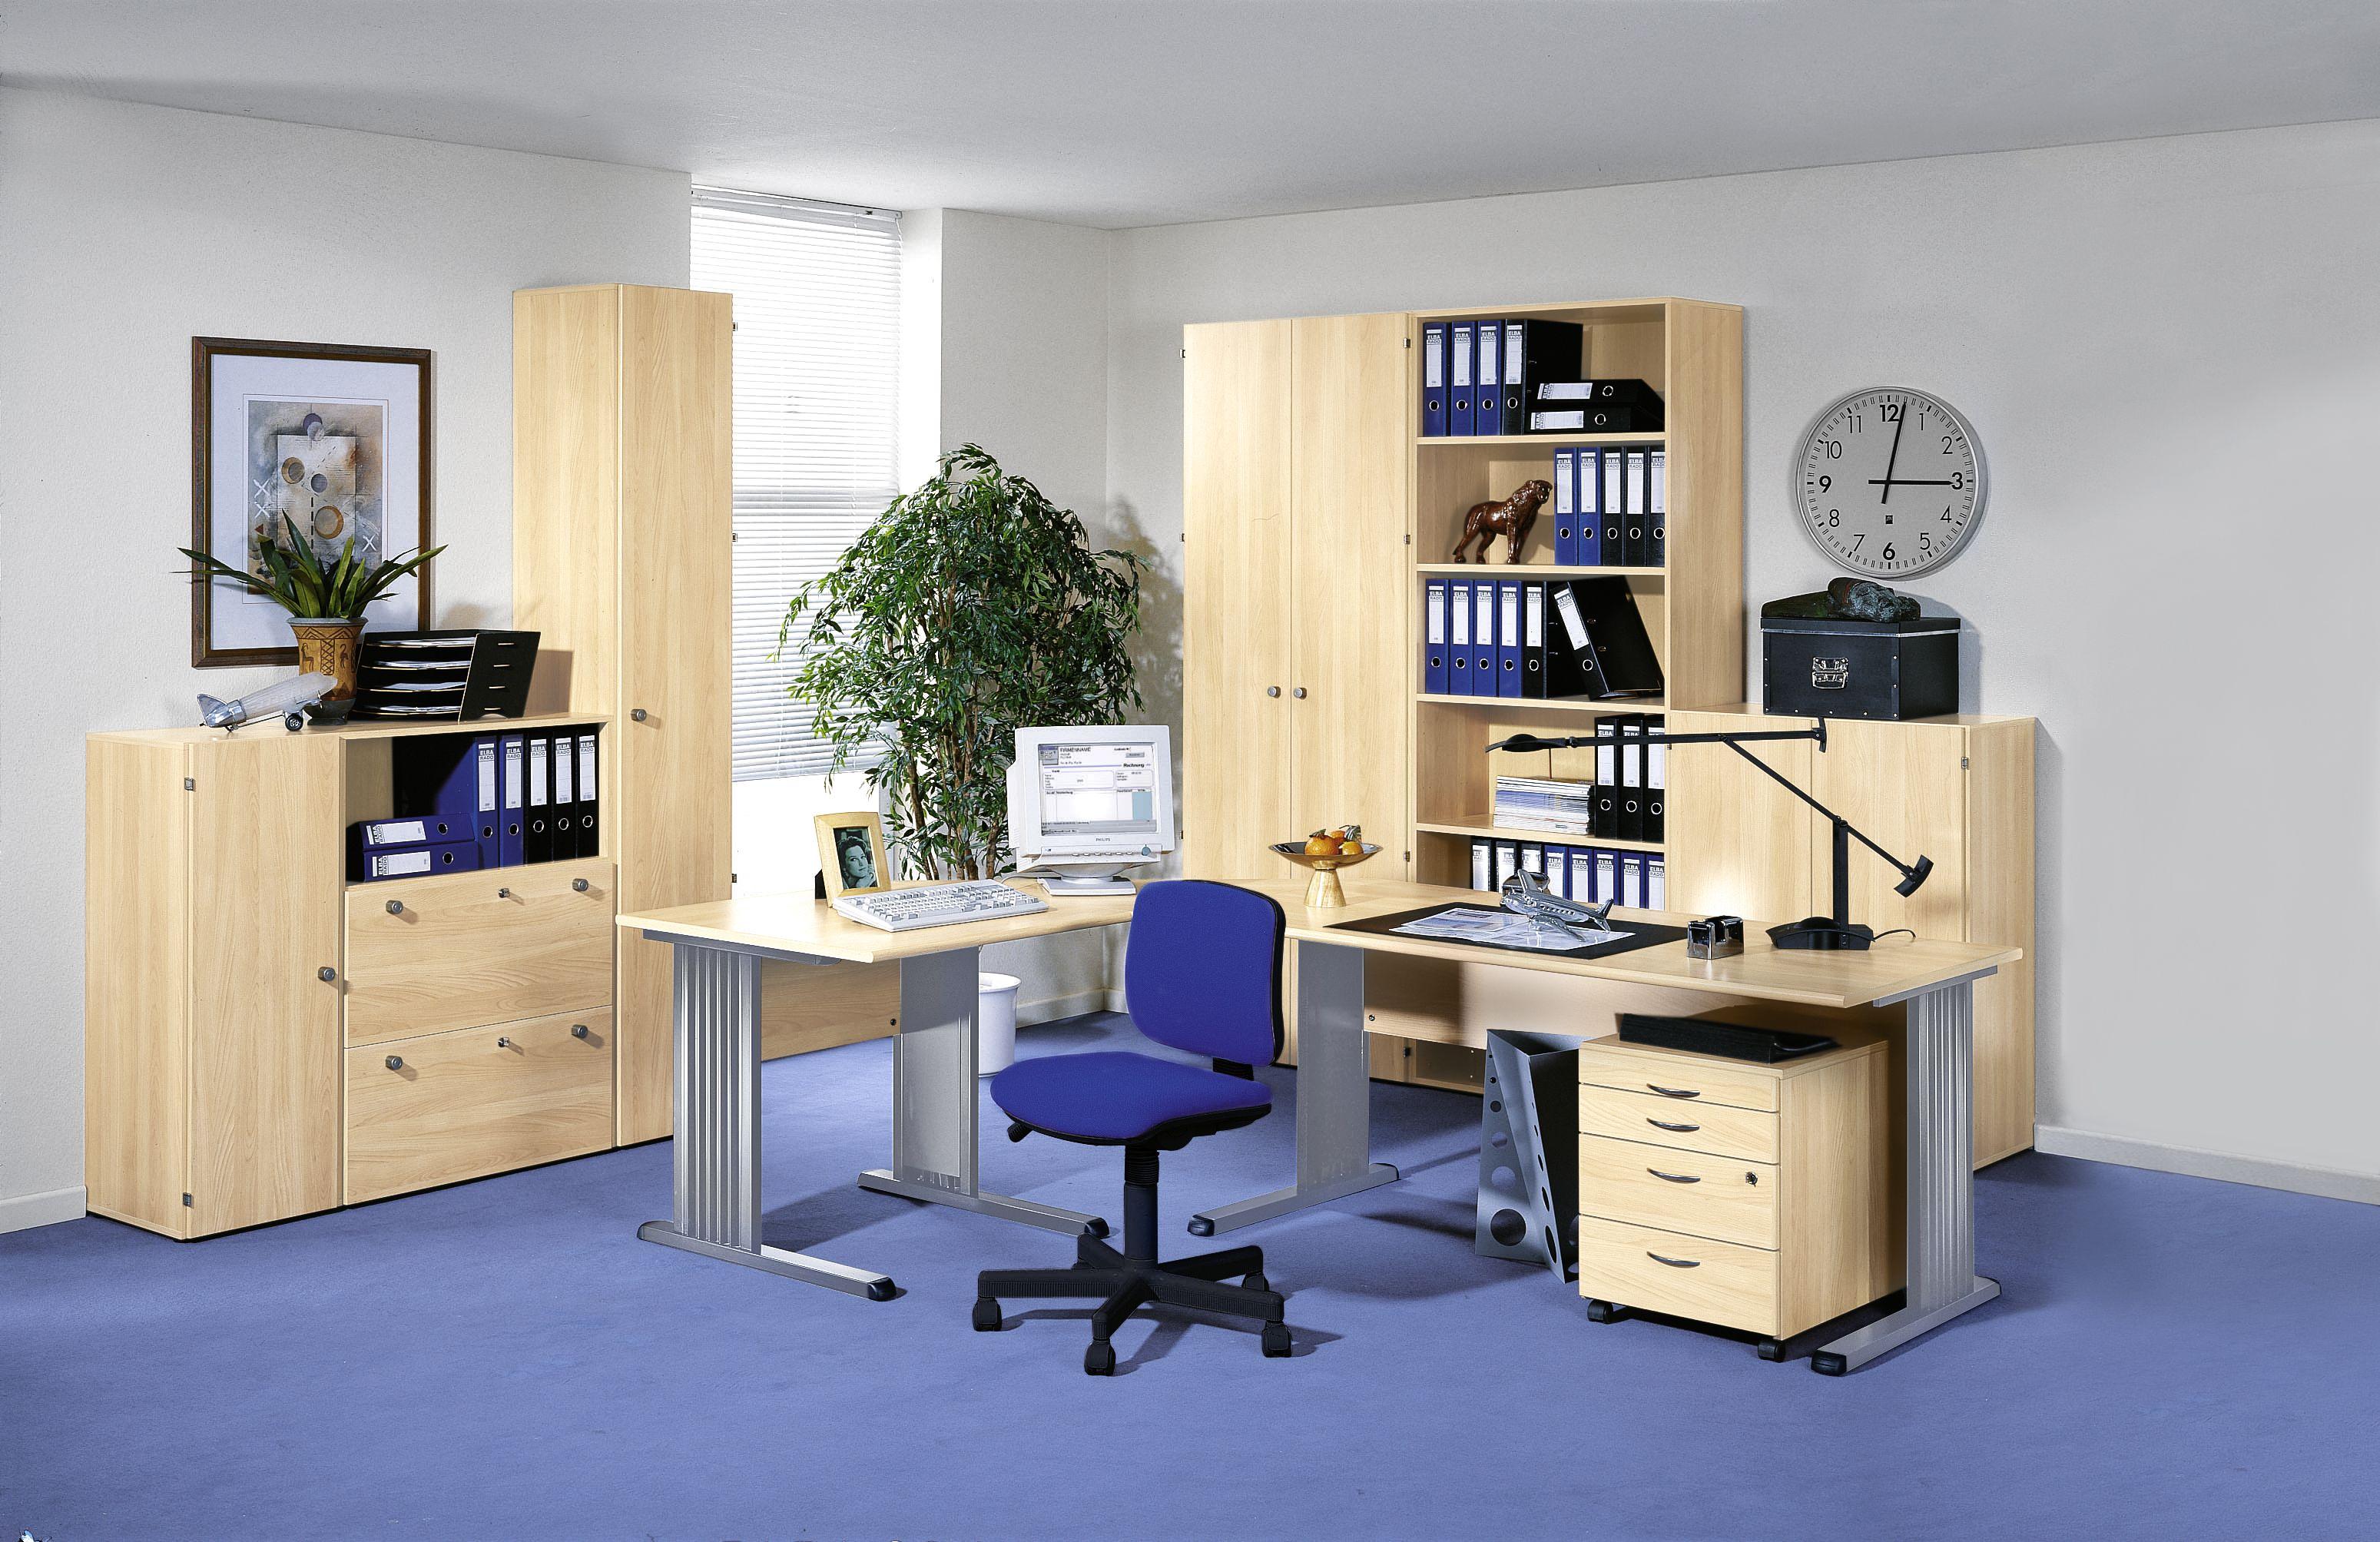 Büromöbel BRAVO Ahorn-Dekor von Schäfer Shop | Büromöbel BRAVO von ...